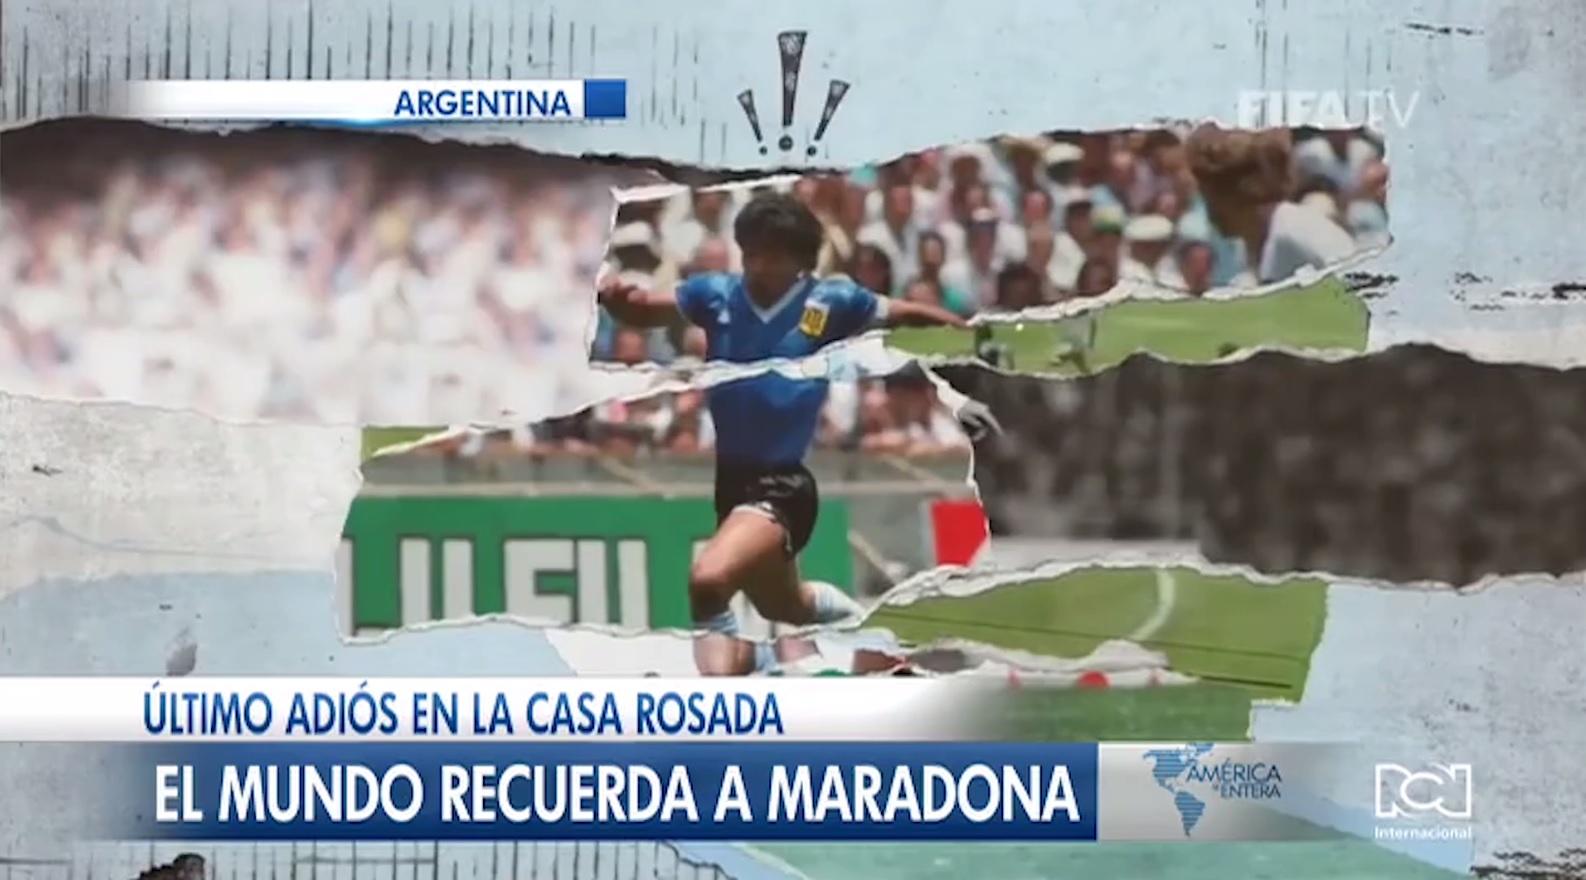 El mundo del fútbol llora la muerte de Diego Armando Maradona